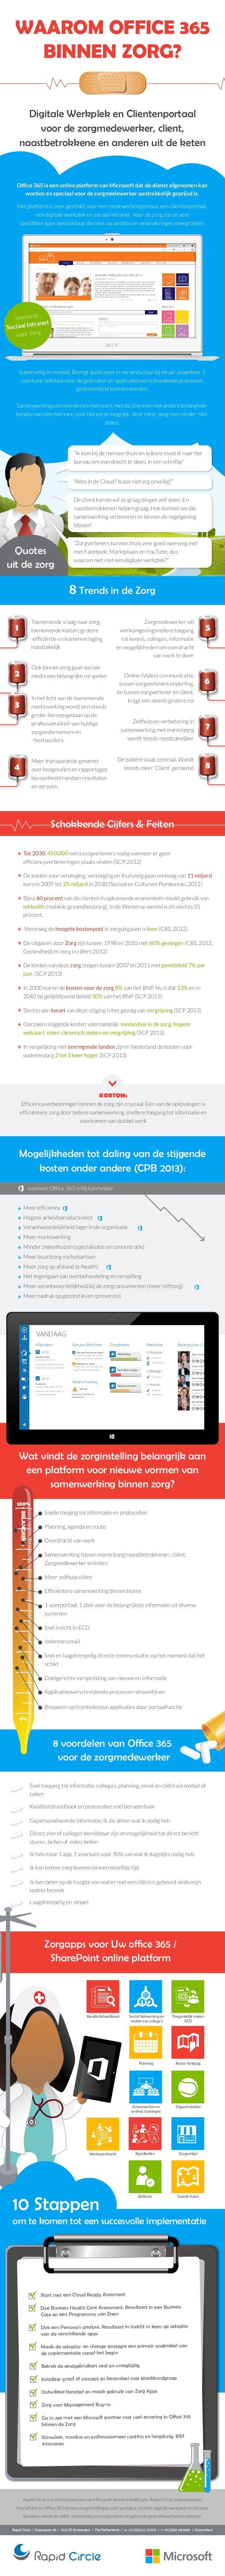 Waarom Office 365 binnen Zorg? Digitale Werkplek en Clientenportaal voor de zorgmedewerker, client, naastbetrokkene en and...